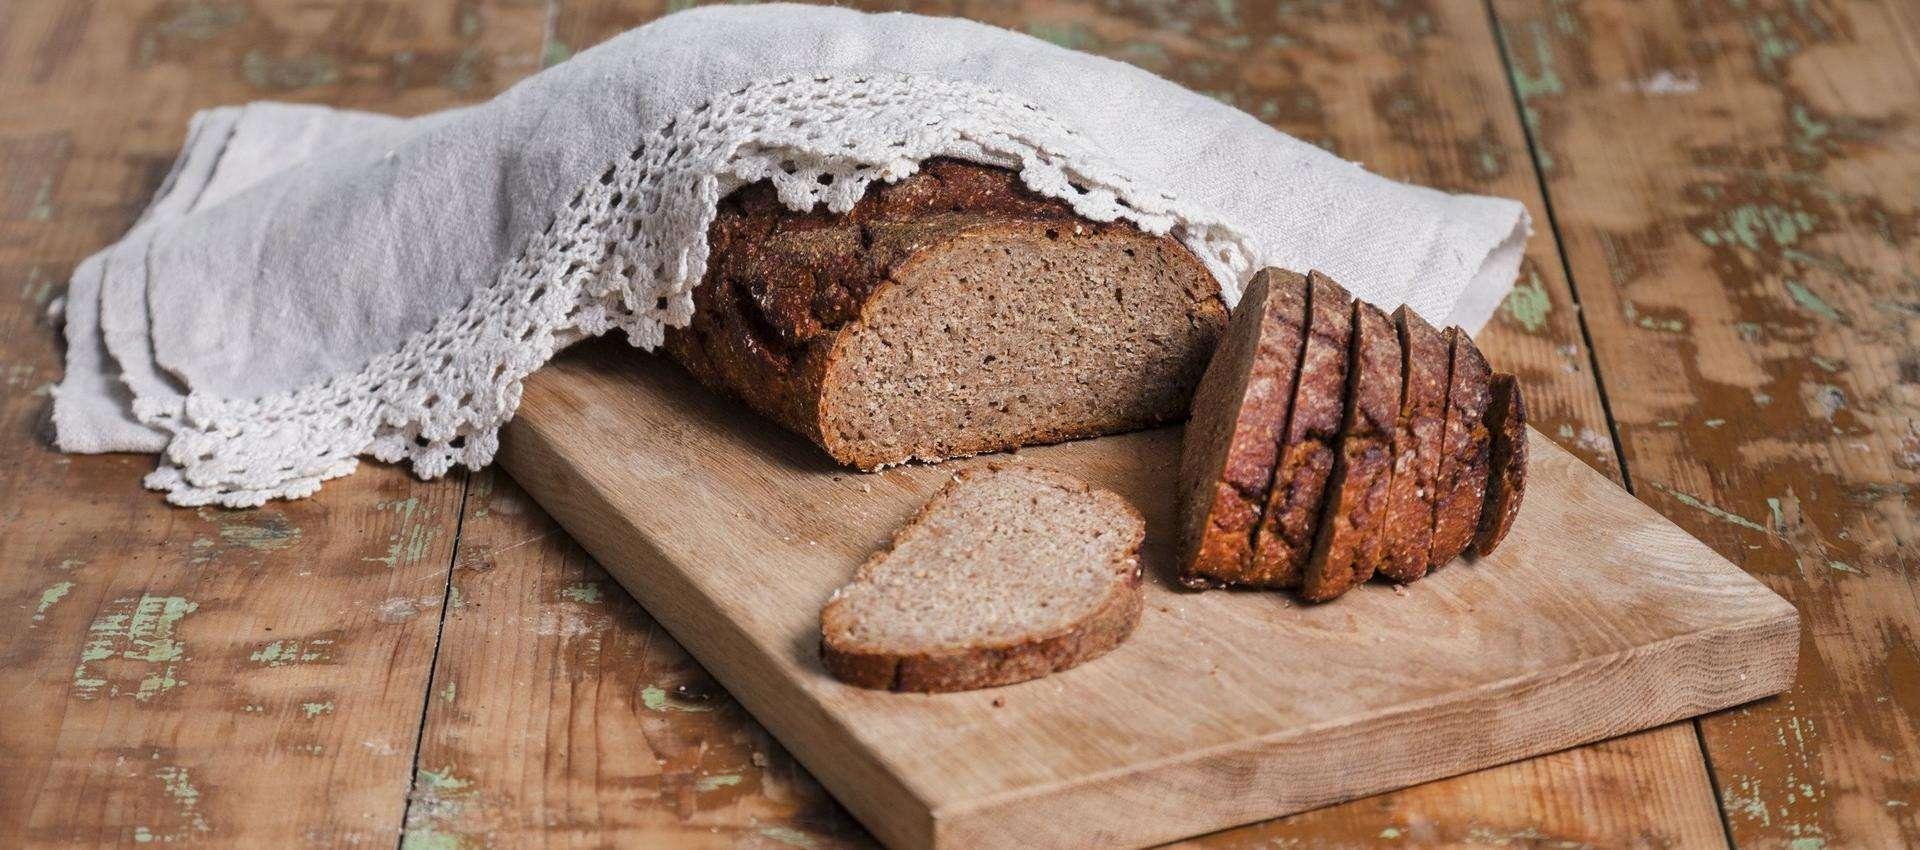 Bánh mì lúa mạch đen - Món ăn phổ biến trong ẩm thực Latvia